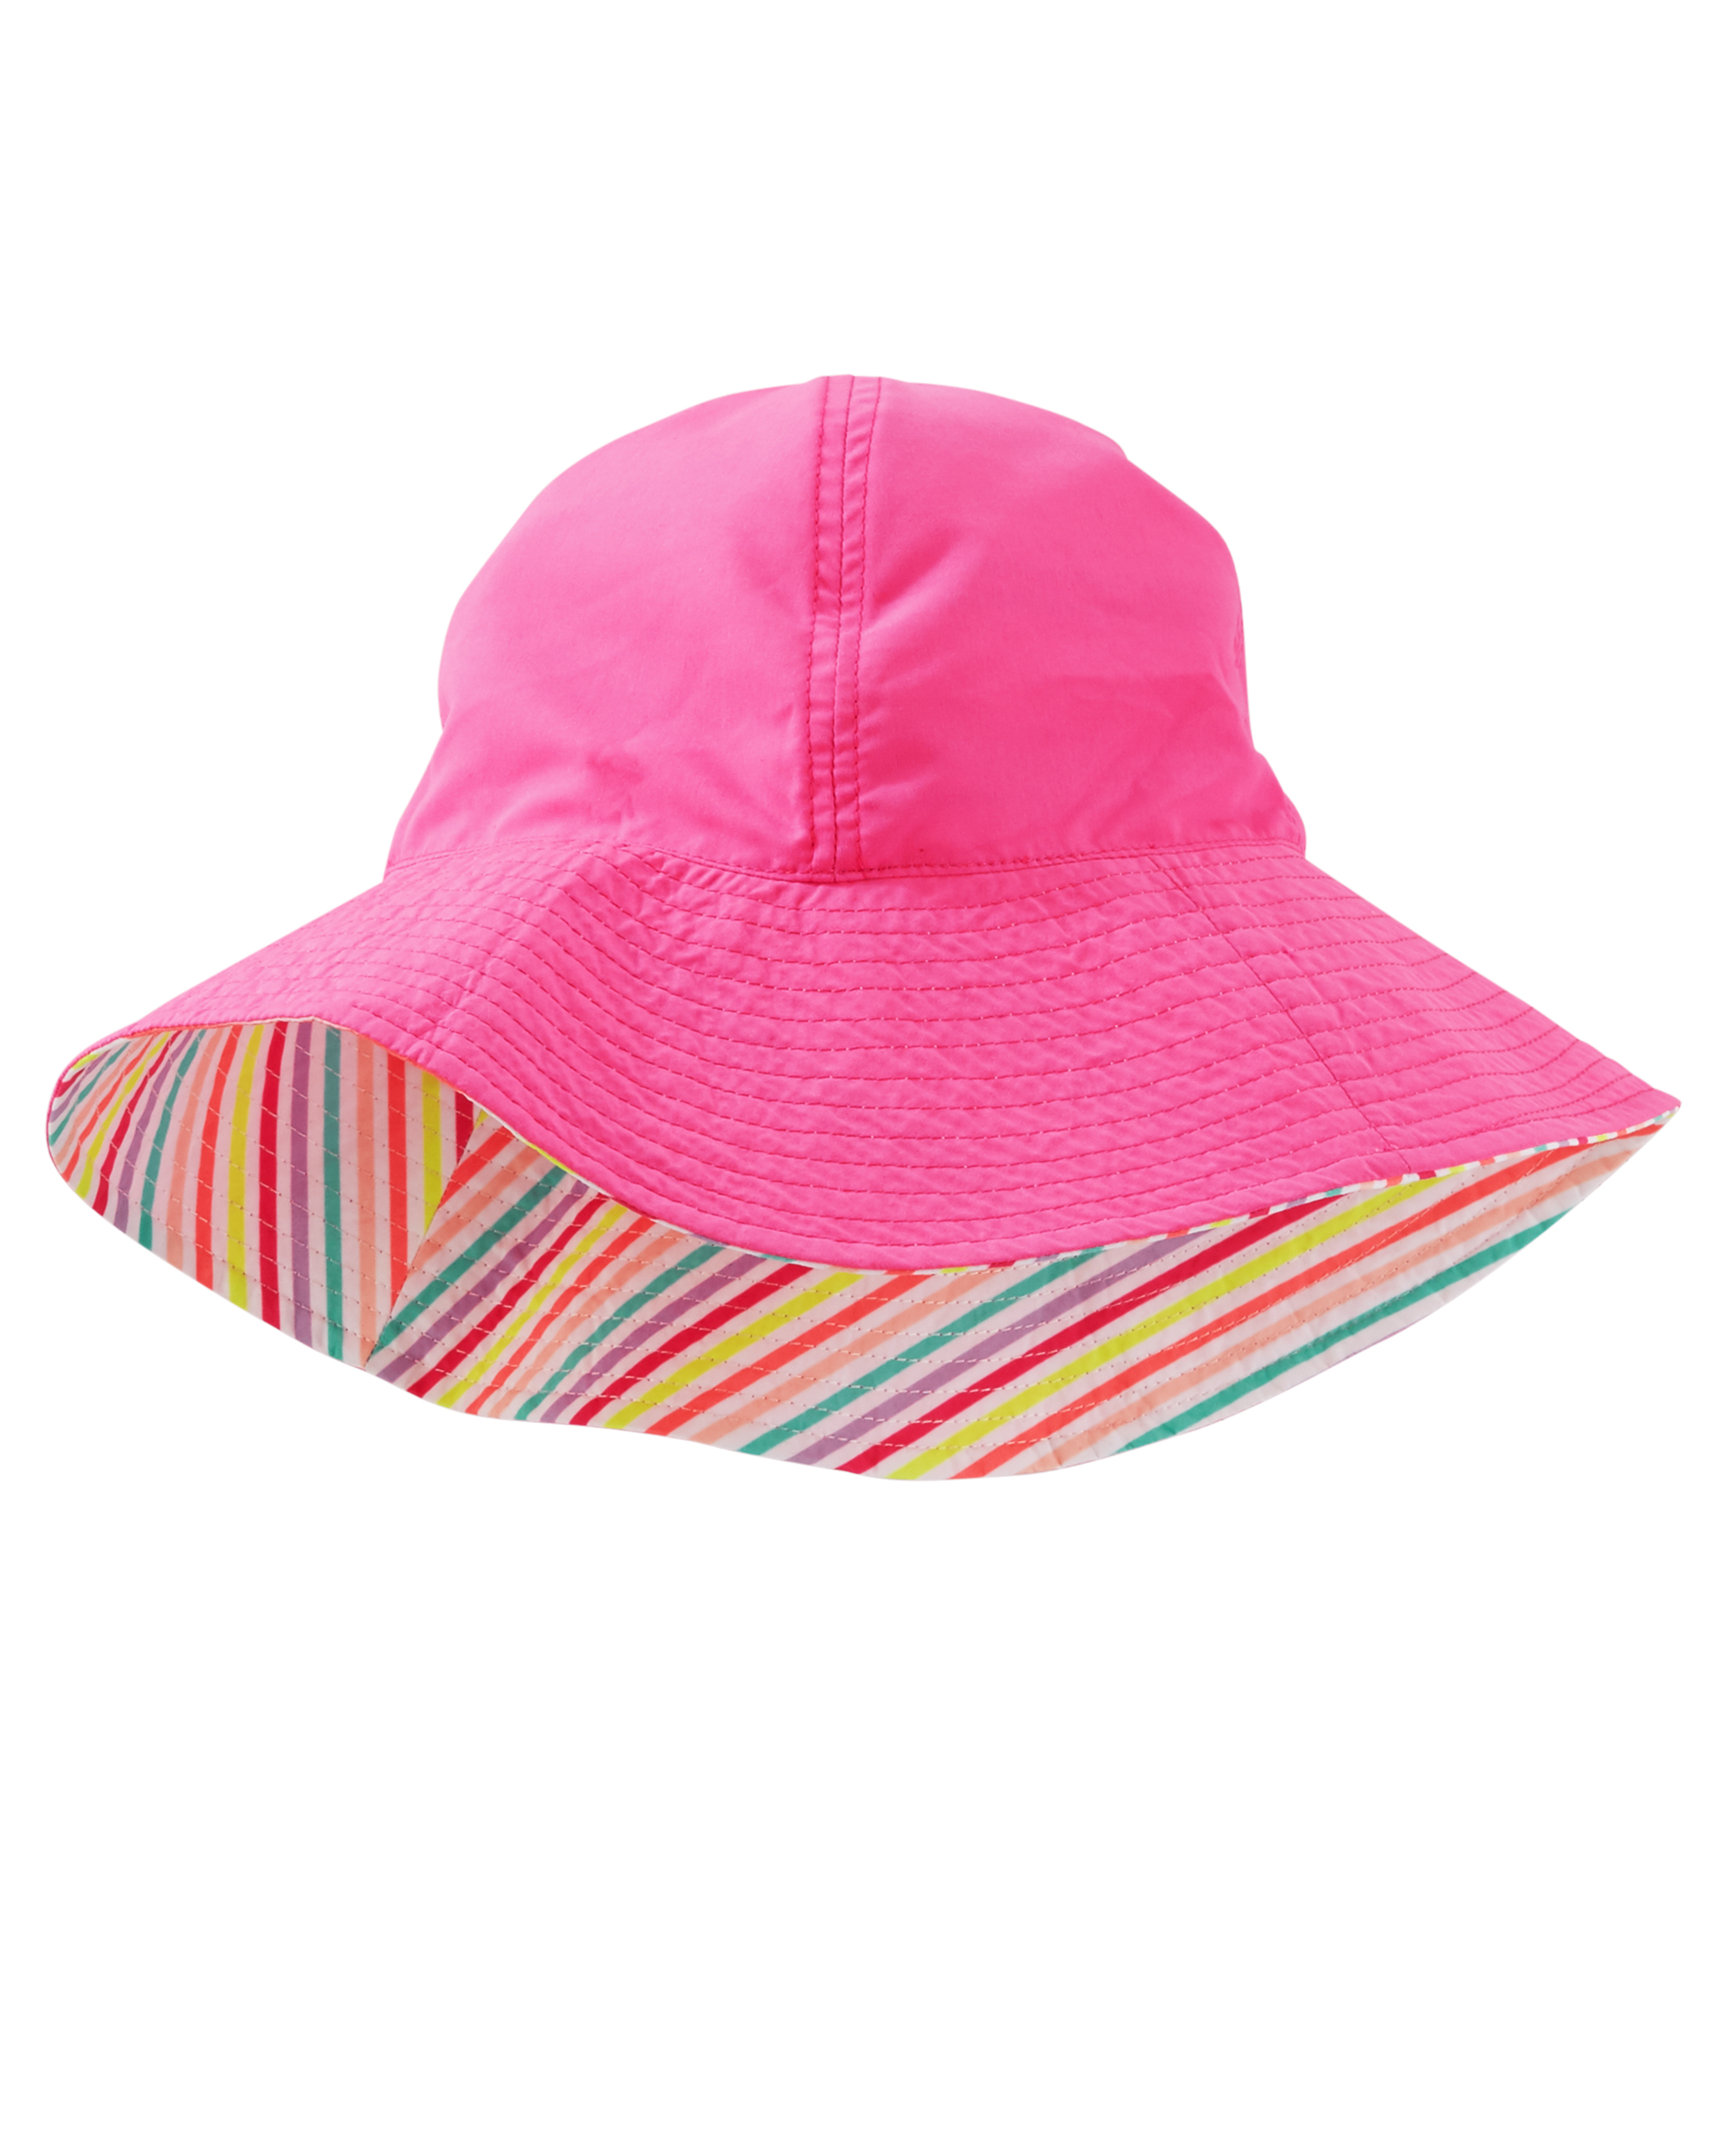 כובע פסים /פרח פוקסיה